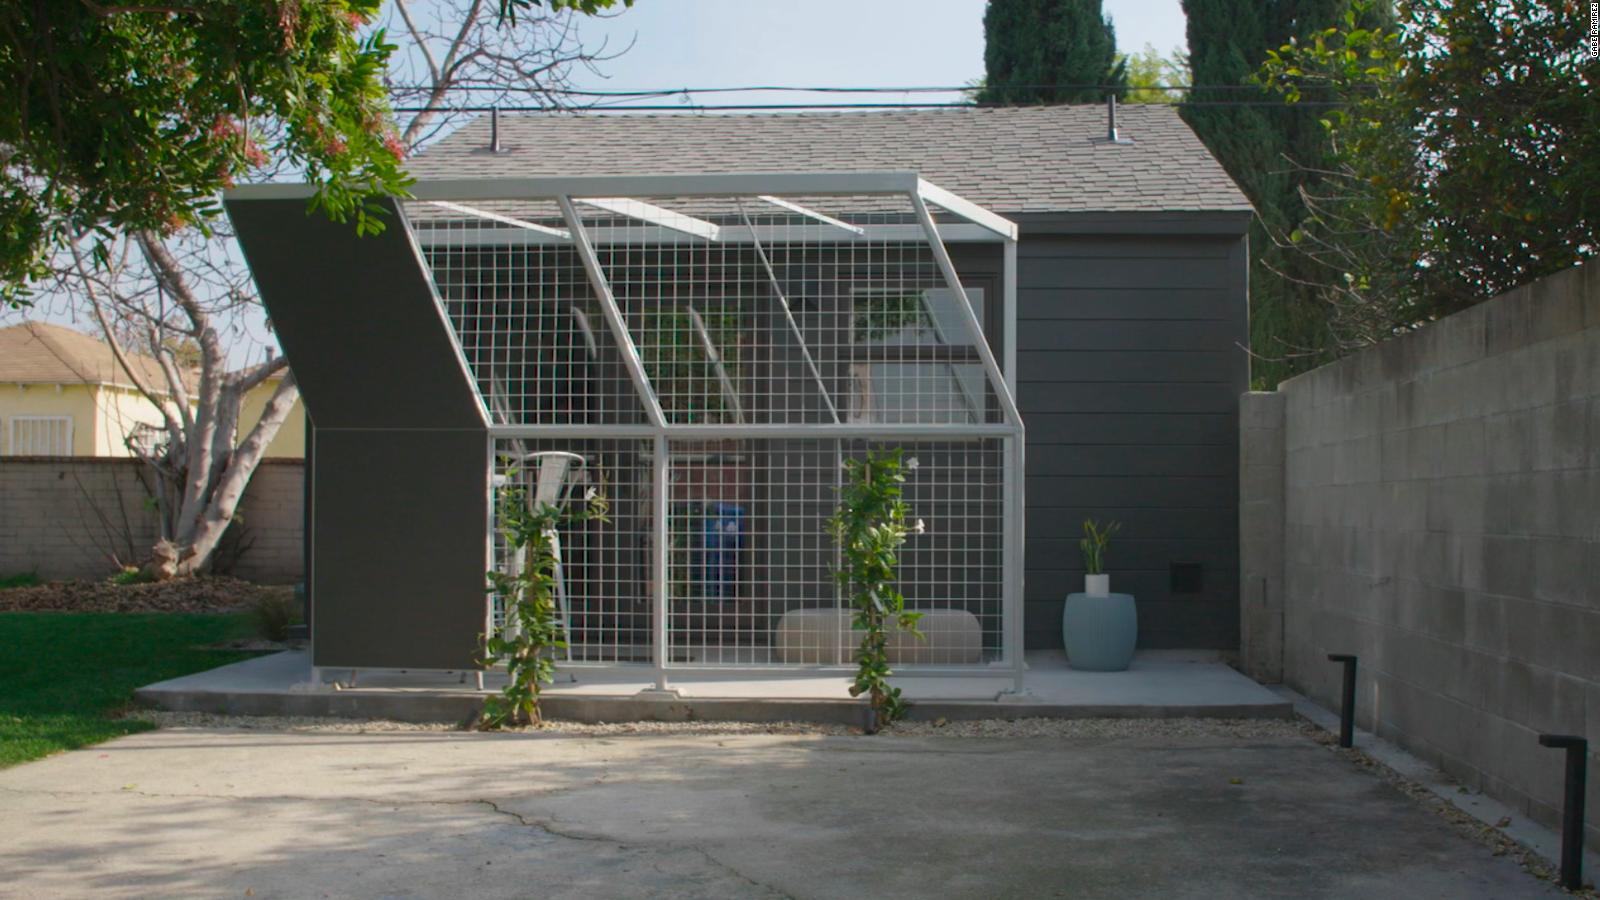 Mira cómo esta empresa convierte garajes en viviendas asequibles